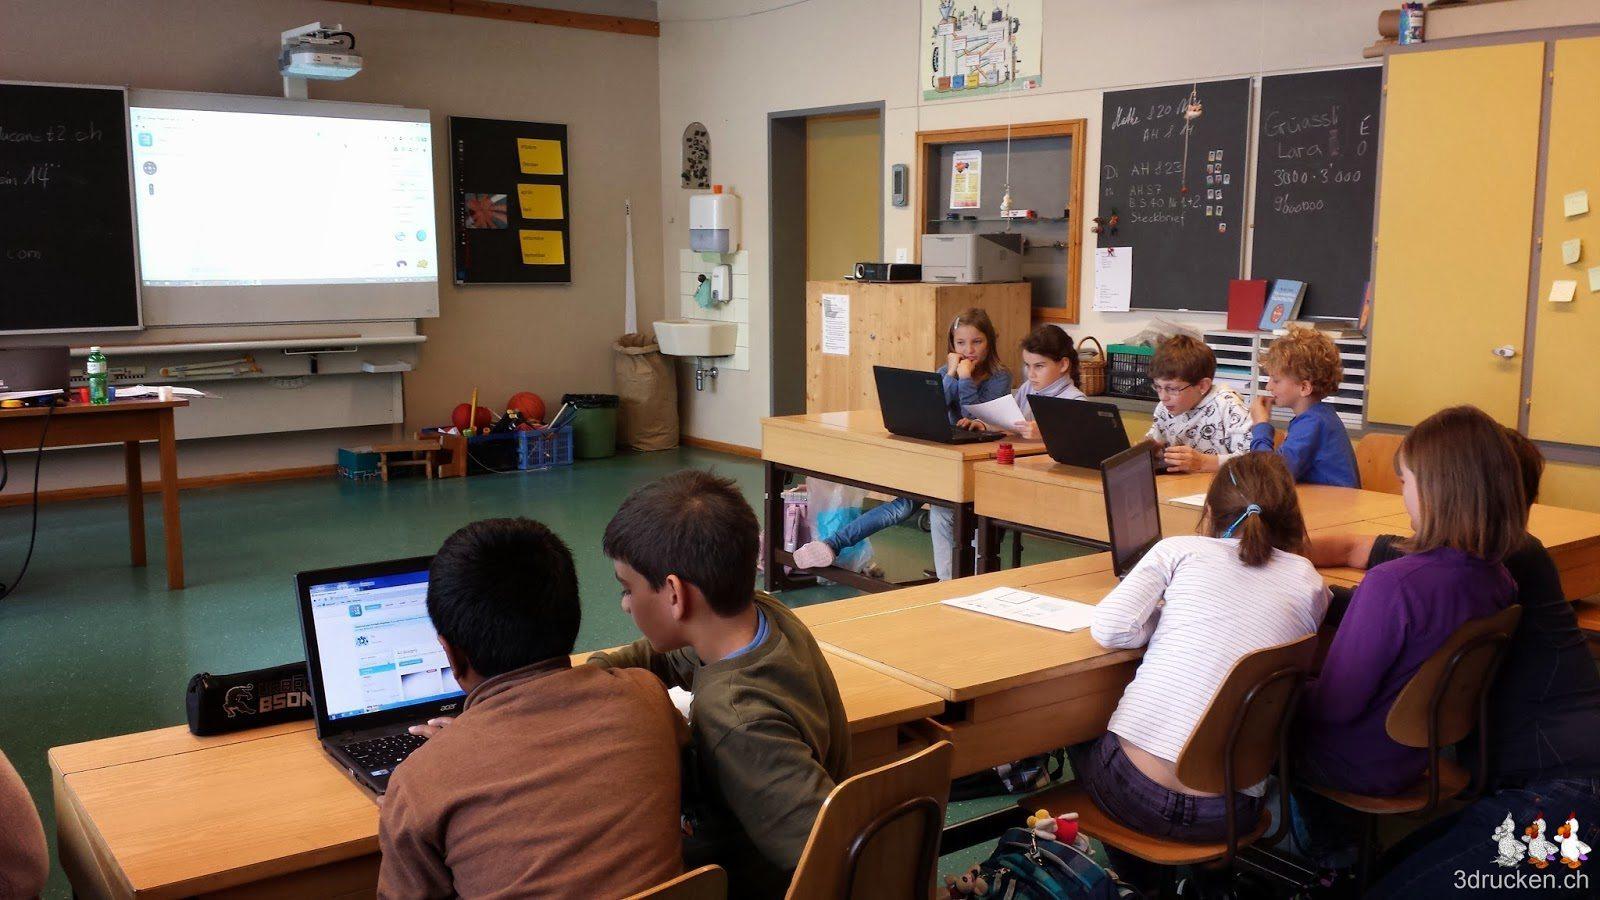 Foto vom Klassenzimmer mit den Schülerinnen und Schülern zu zweit an einem Notebook, vorne am Whiteboard das Beispiel aus Tinkercad